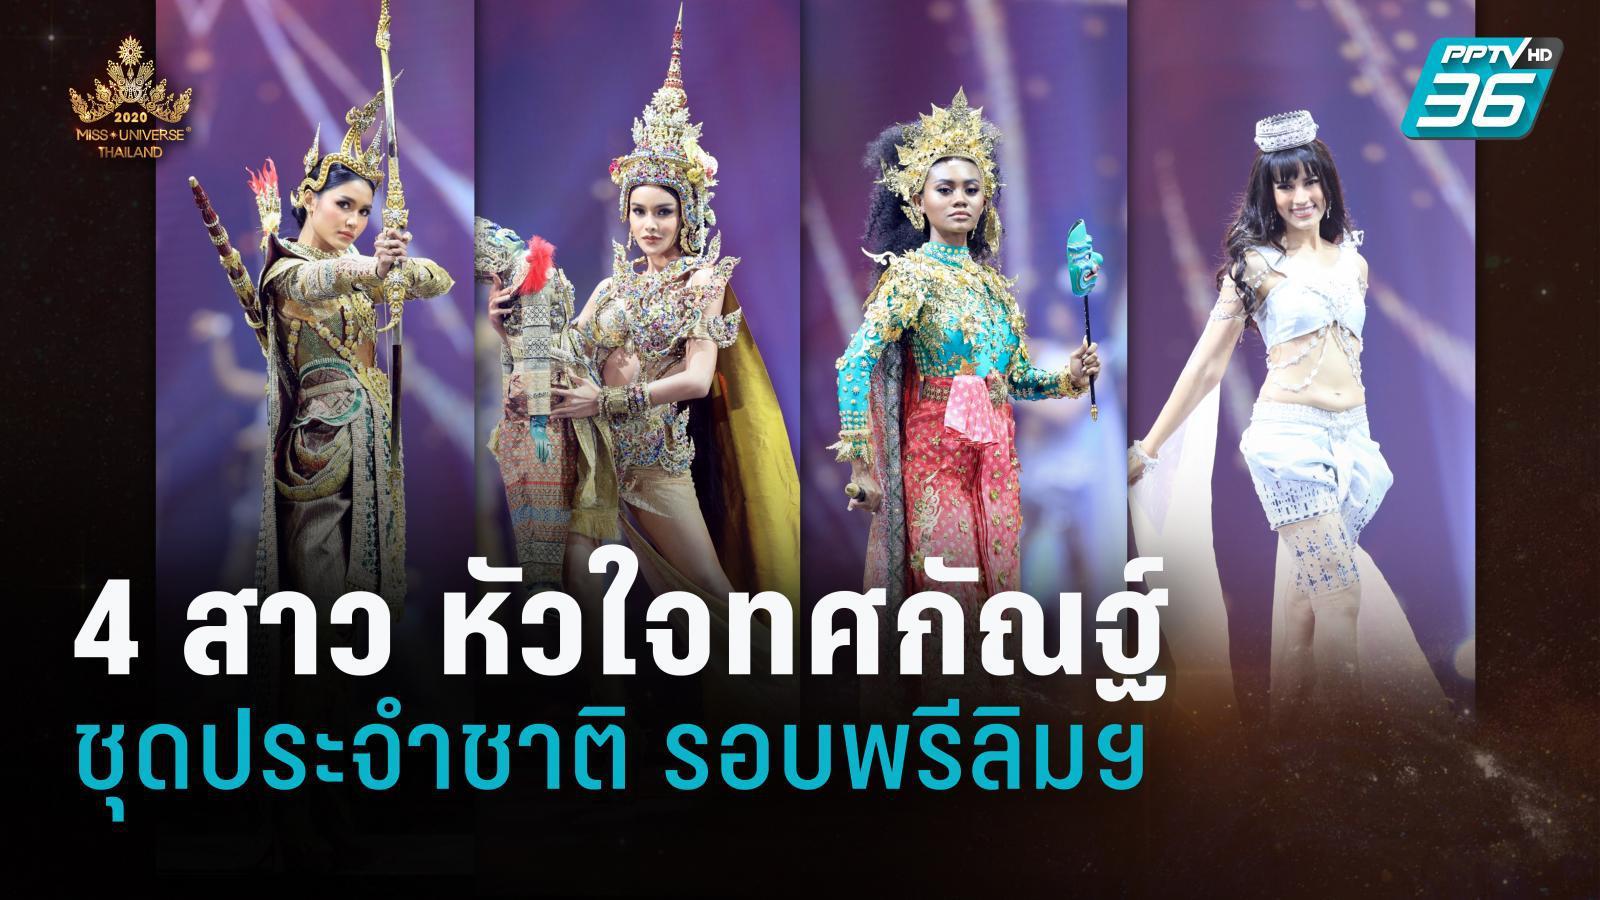 4 สาวงาม หัวใจทศกัณฐ์ | Miss Universe Thailand 2020 | ชุดประจำชาติ รอบพรีลิมฯ